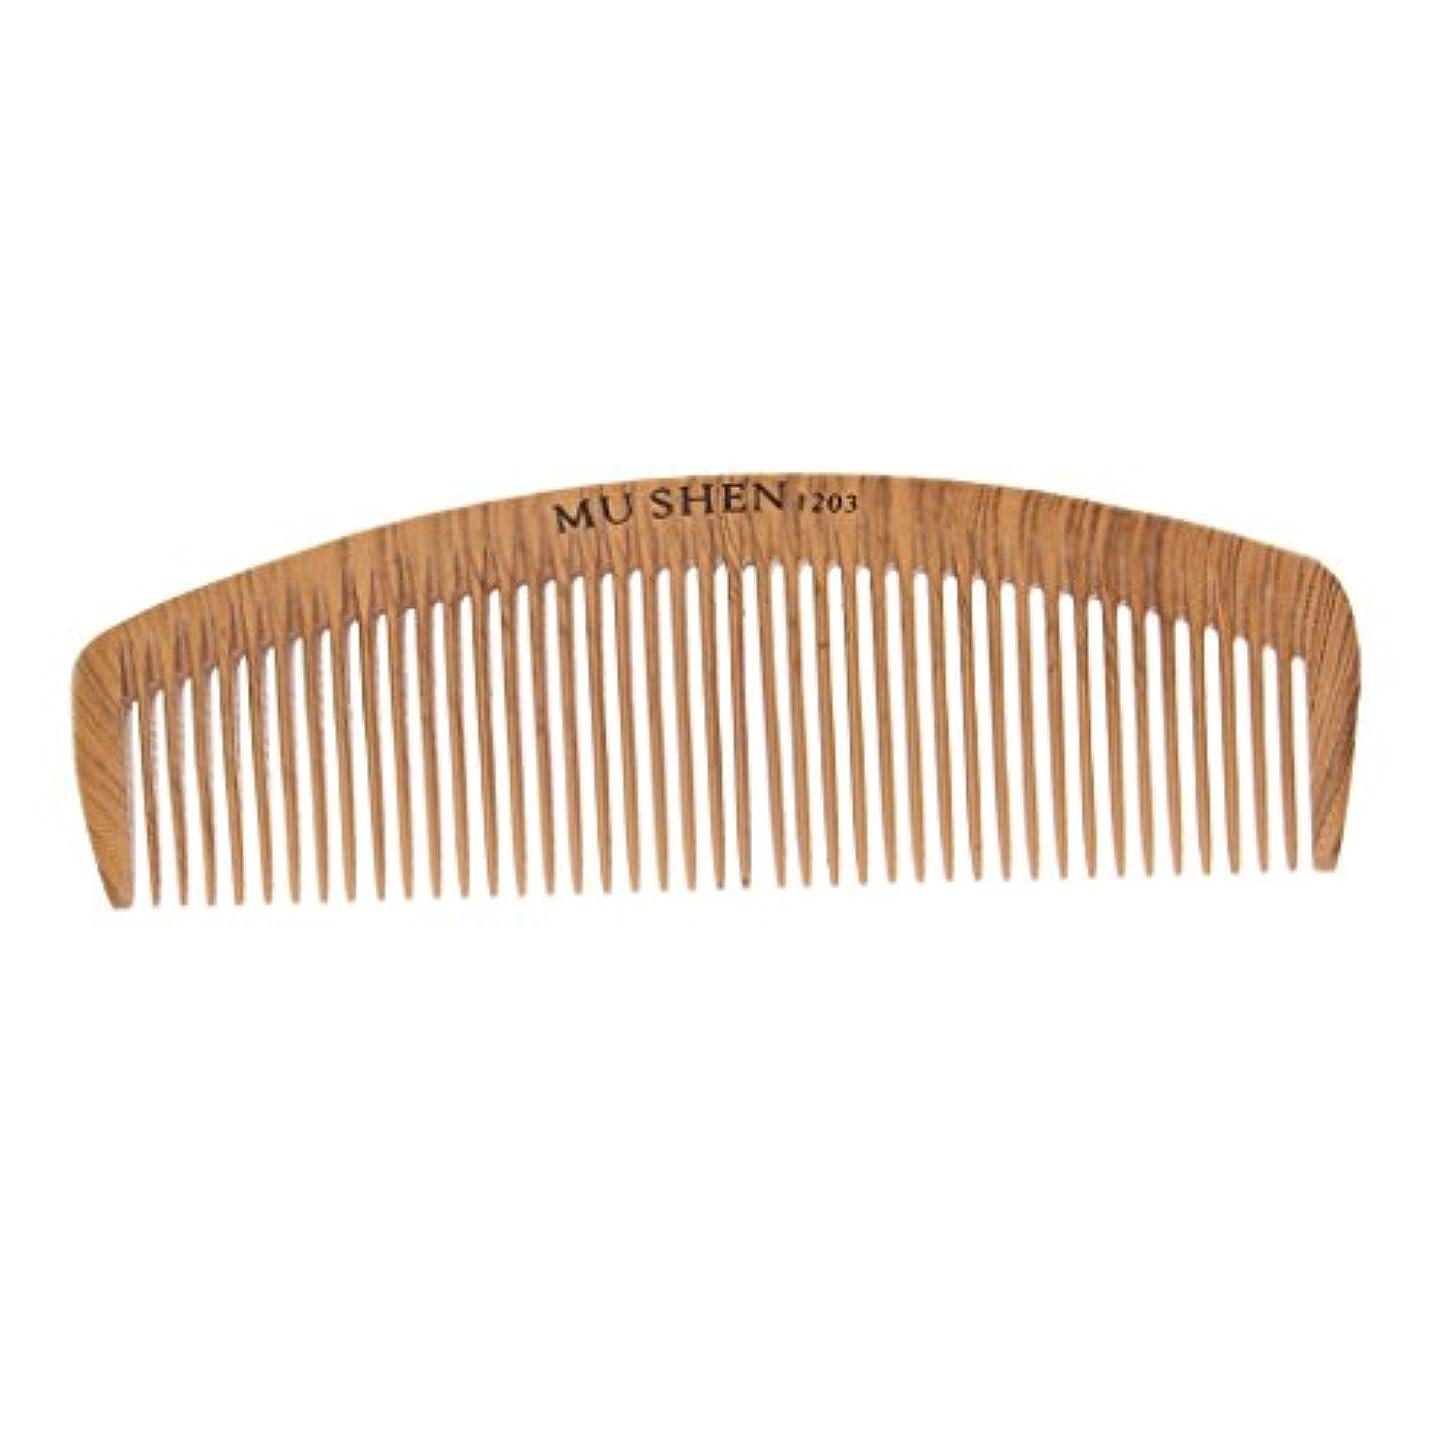 はっきりしない腰ガム帯電防止ウッドサロン床屋ヘアスタイリング理髪切削くしヘアブラシ - 1203